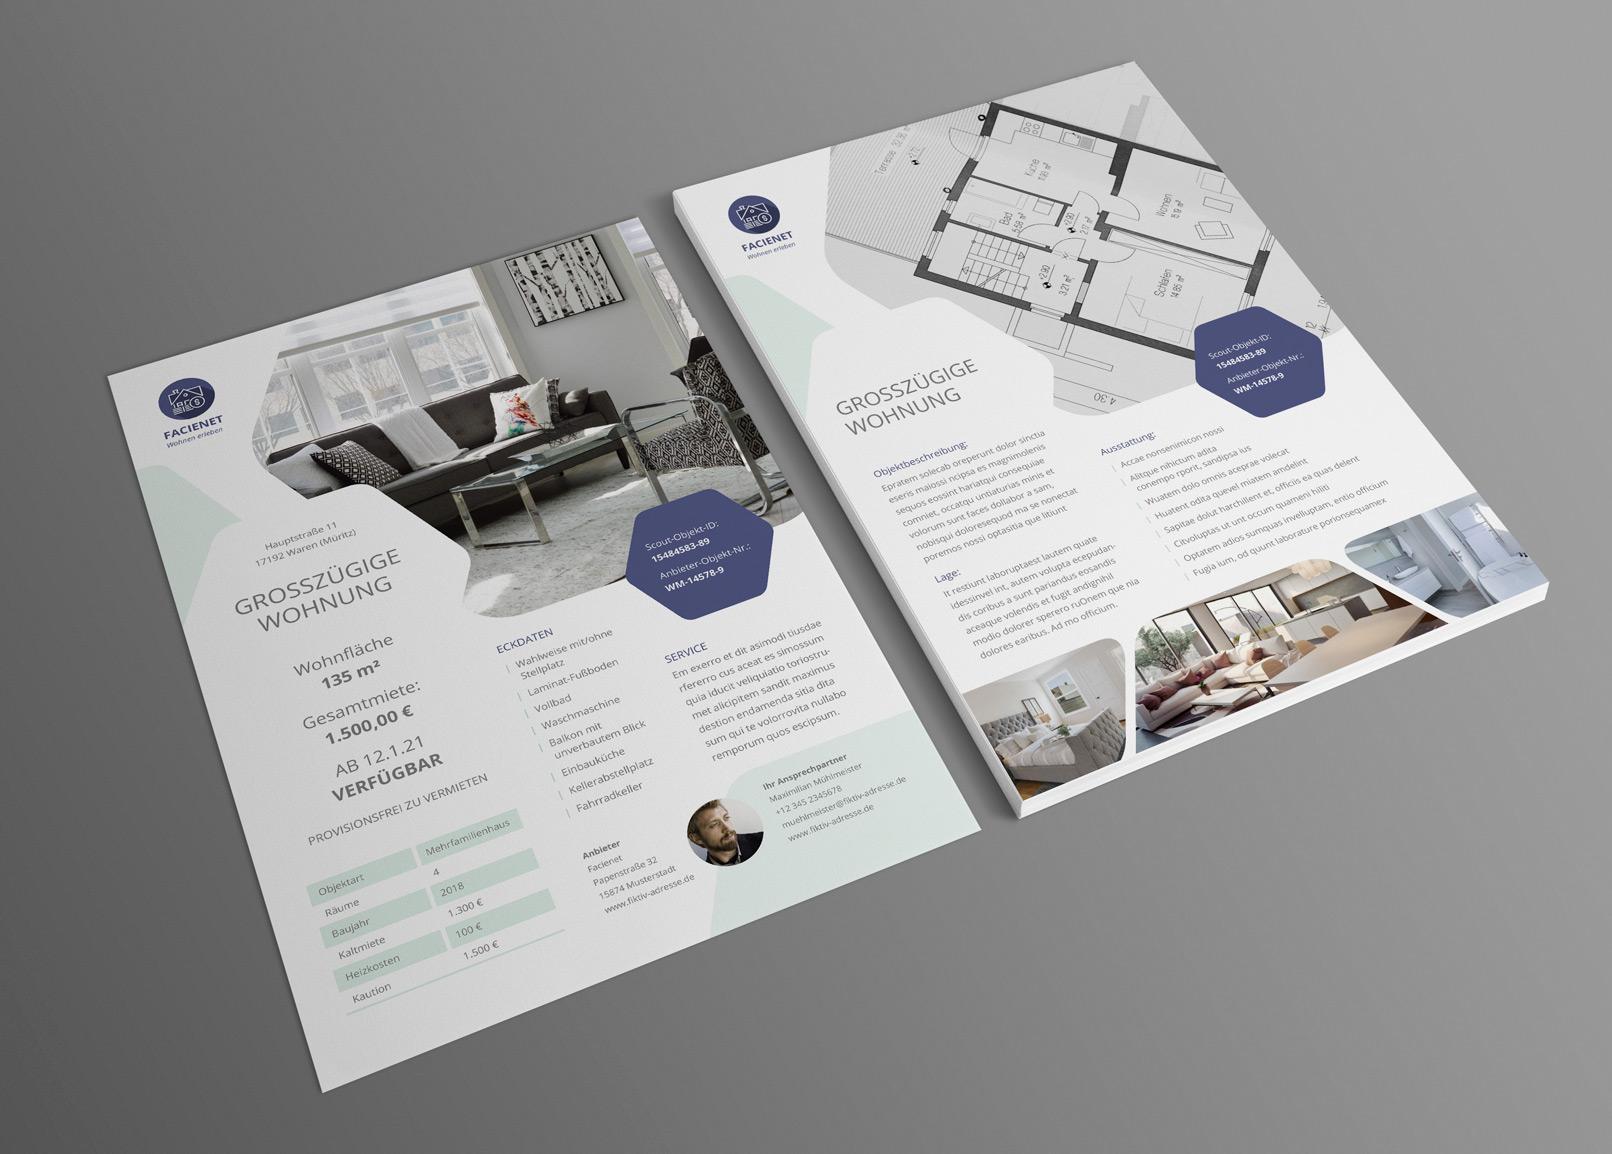 Corporate Design-Vorlagen für Immobilienfirmen und Architekturbüros: Exposé